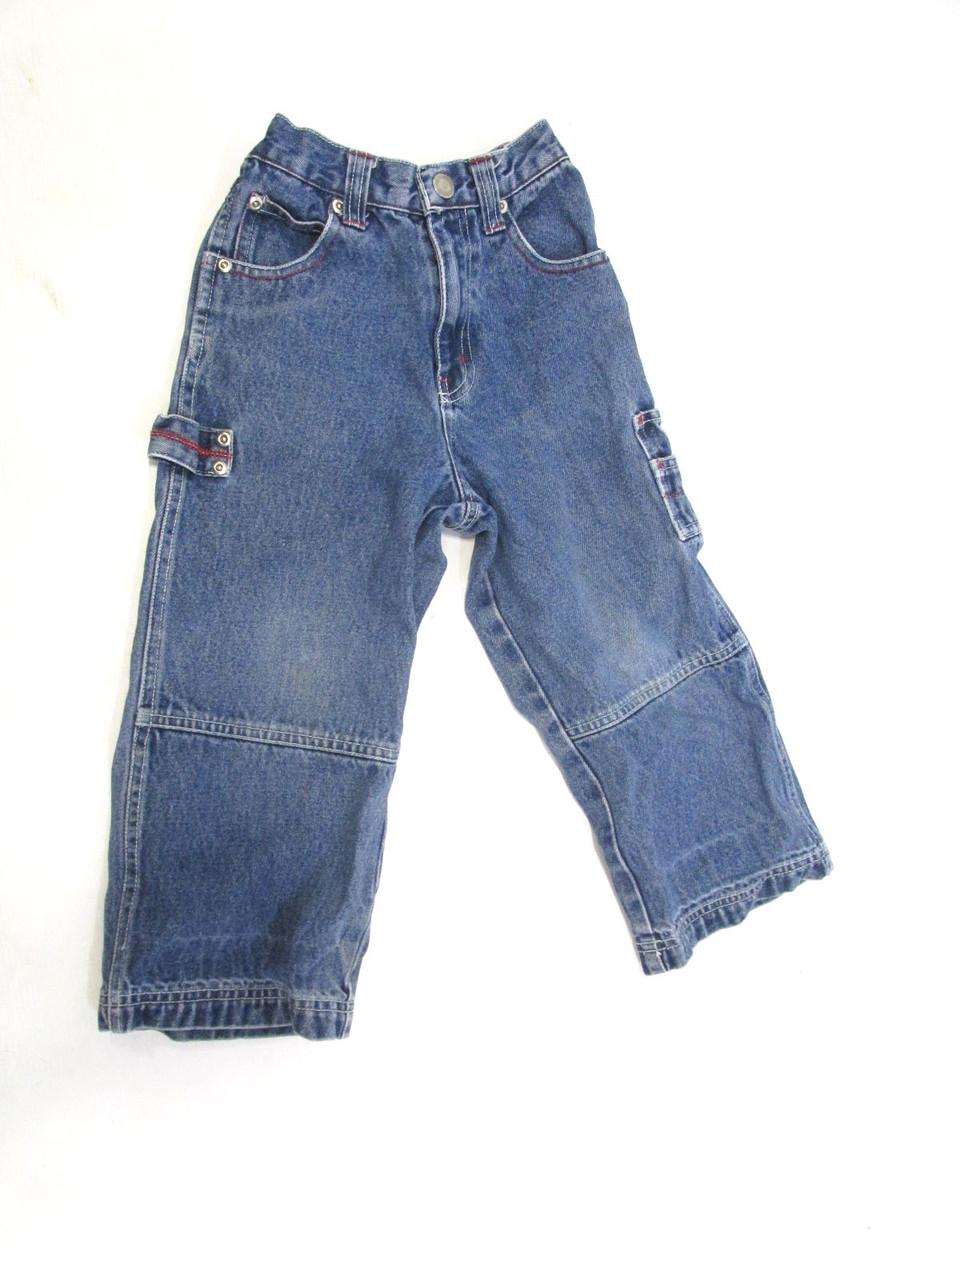 Джинсы детские Denim Wear, 4 года (104 см), мин. следы носки, Уценка!